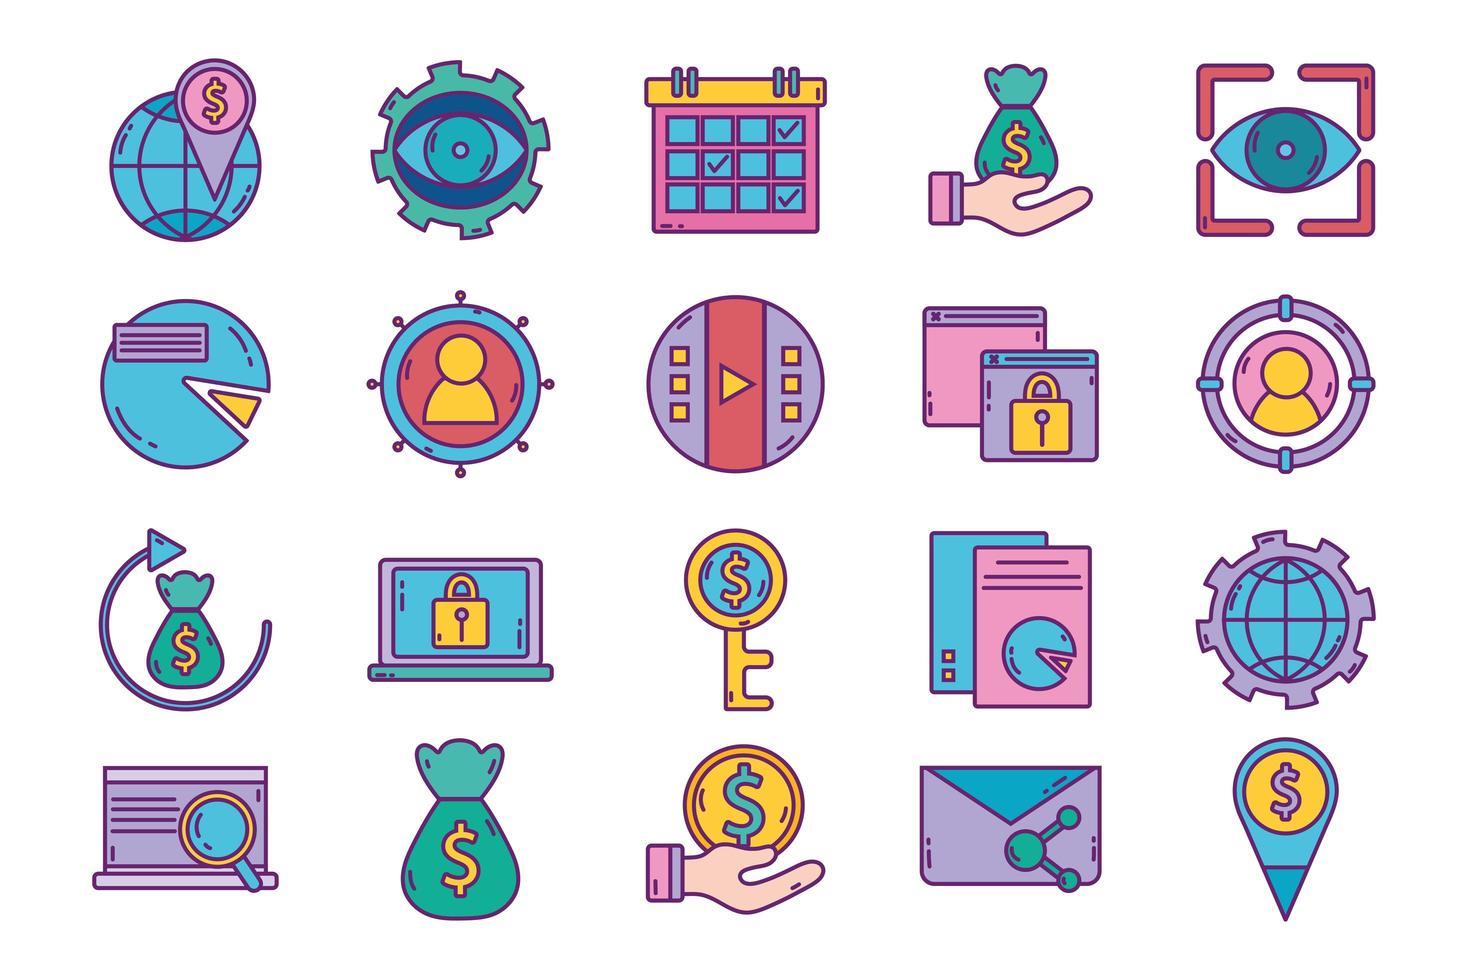 strategia aziendale e set di icone di marketing digitale vettore